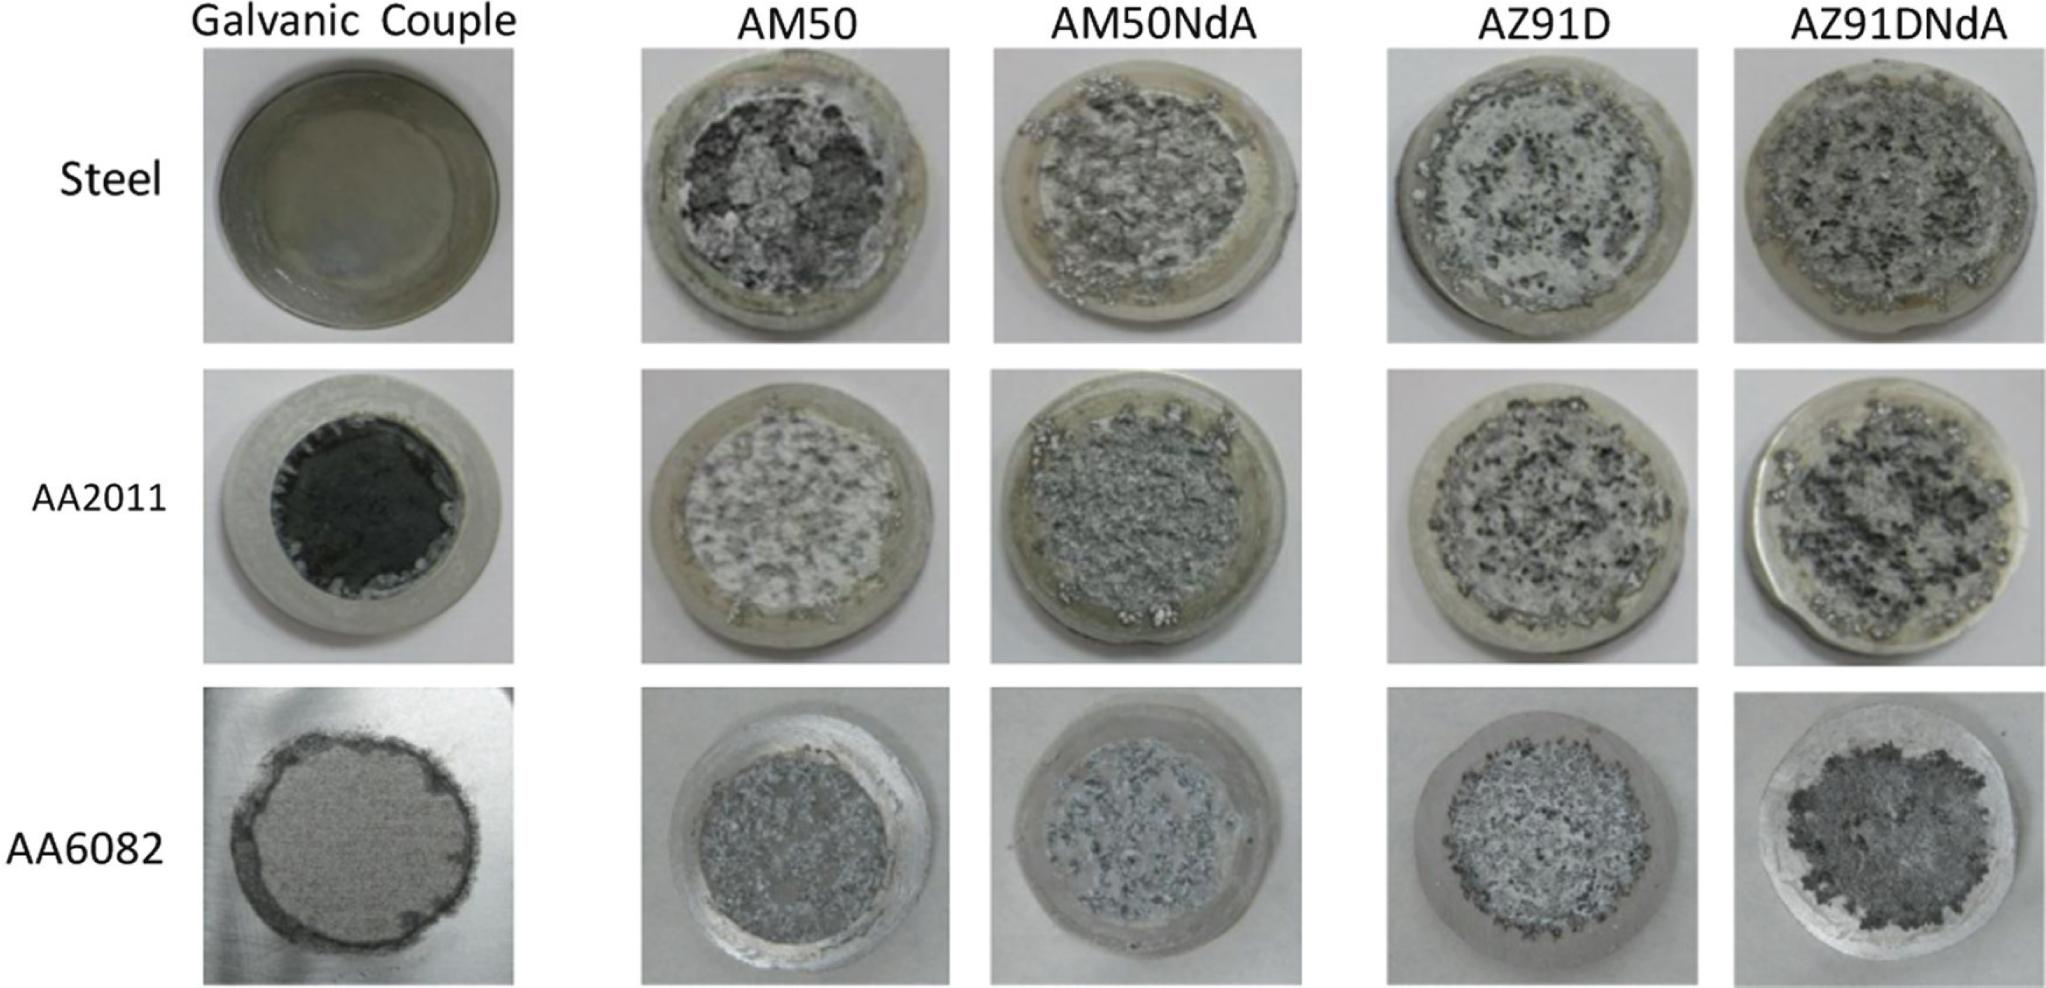 Corrosión galvánica de aleaciones de magnesio AM50 y AZ91D